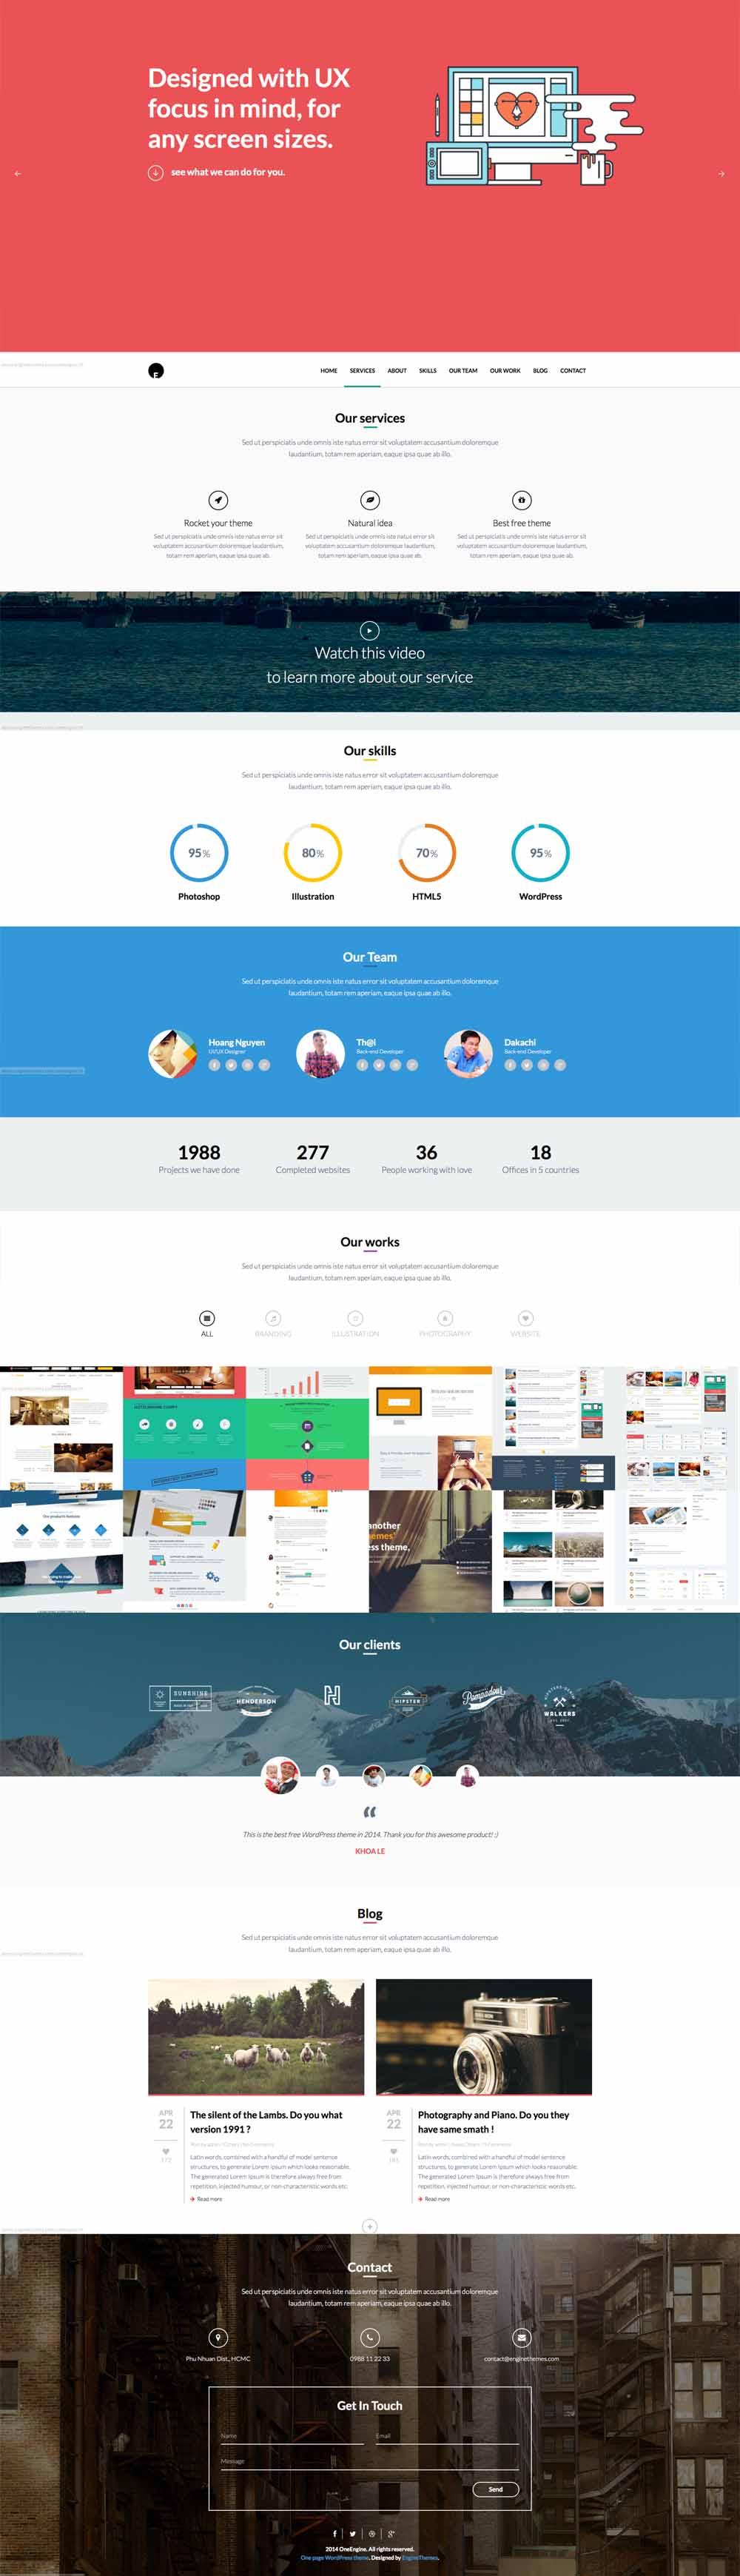 free-wordpress-theme-2014-responsive-free-theme